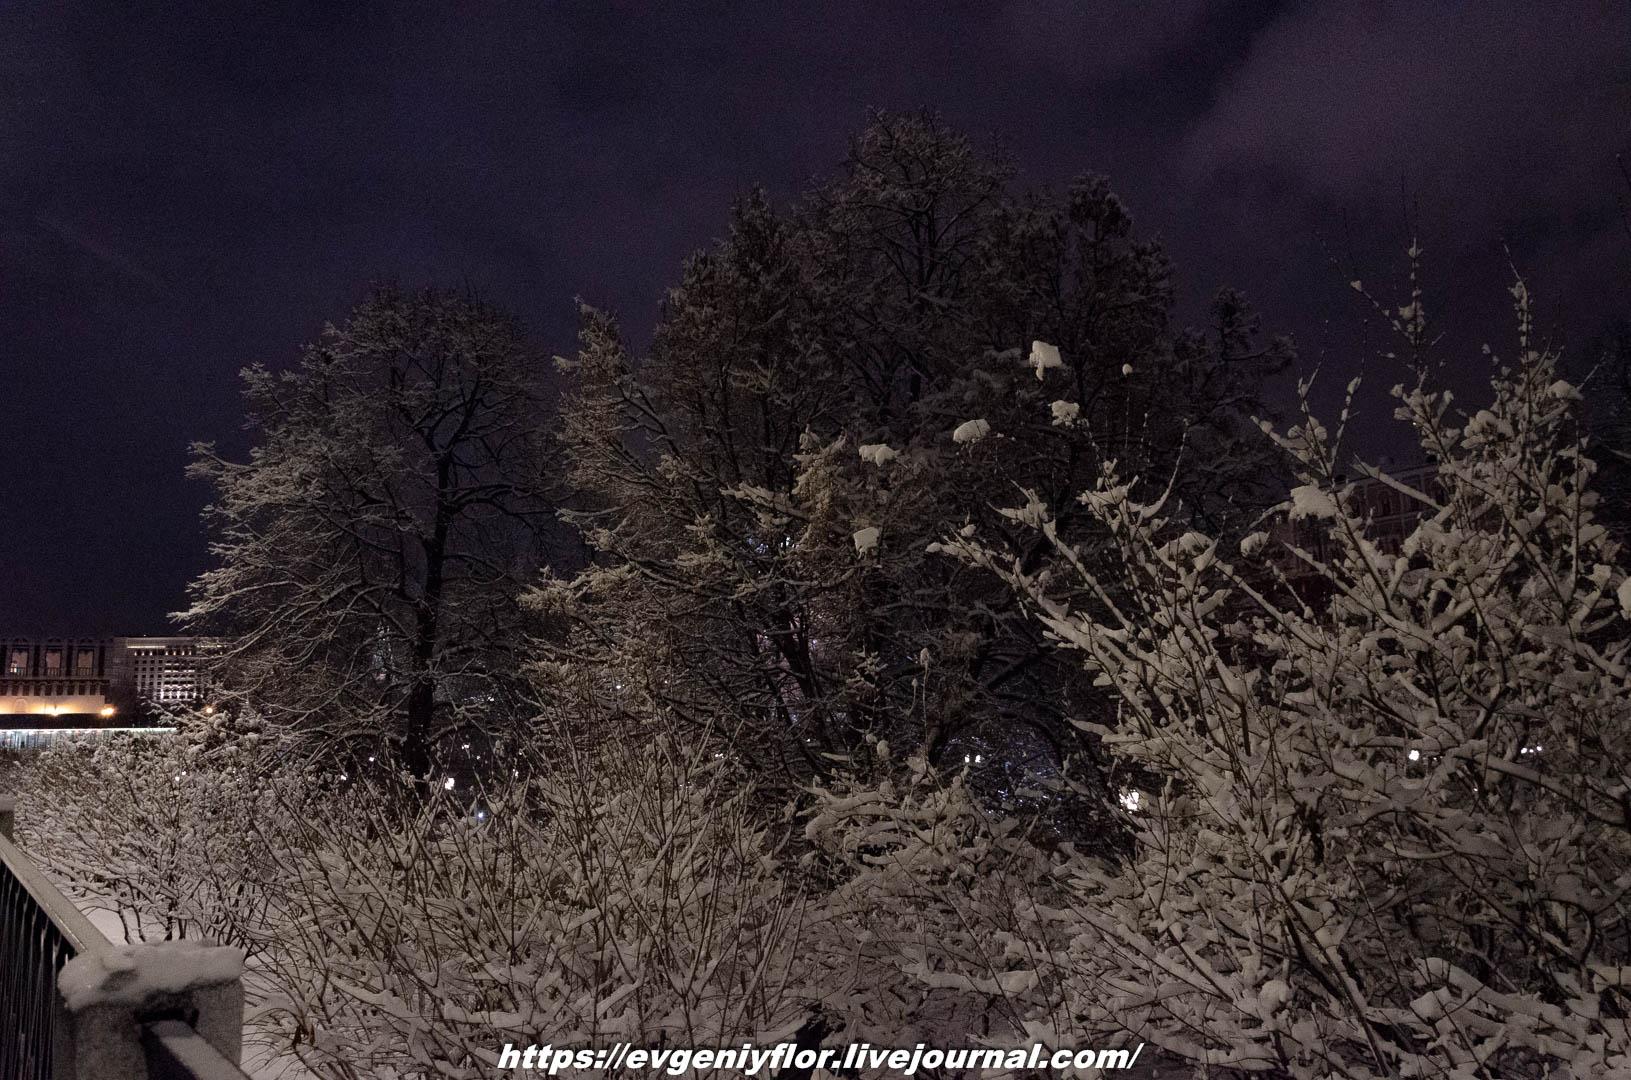 Вечерняя прогулка после снегопада    13 02 - 2019 Среда !Новая папка (2)6791.jpg